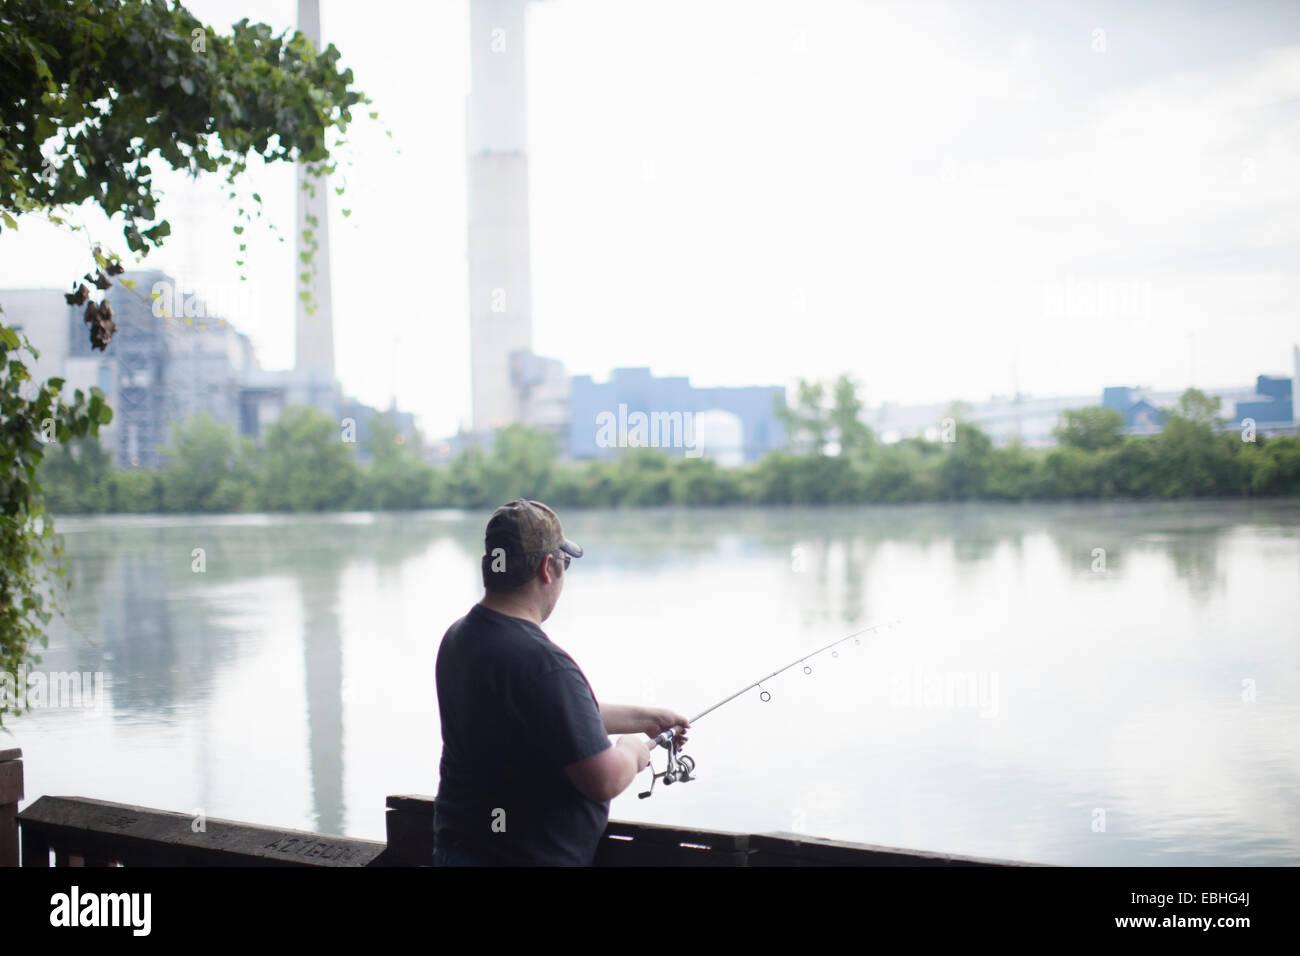 L'uomo la pesca di fronte la Detroit Edison Power Station, fiume Raisin, Monroe, Michigan, Stati Uniti d'America Foto Stock